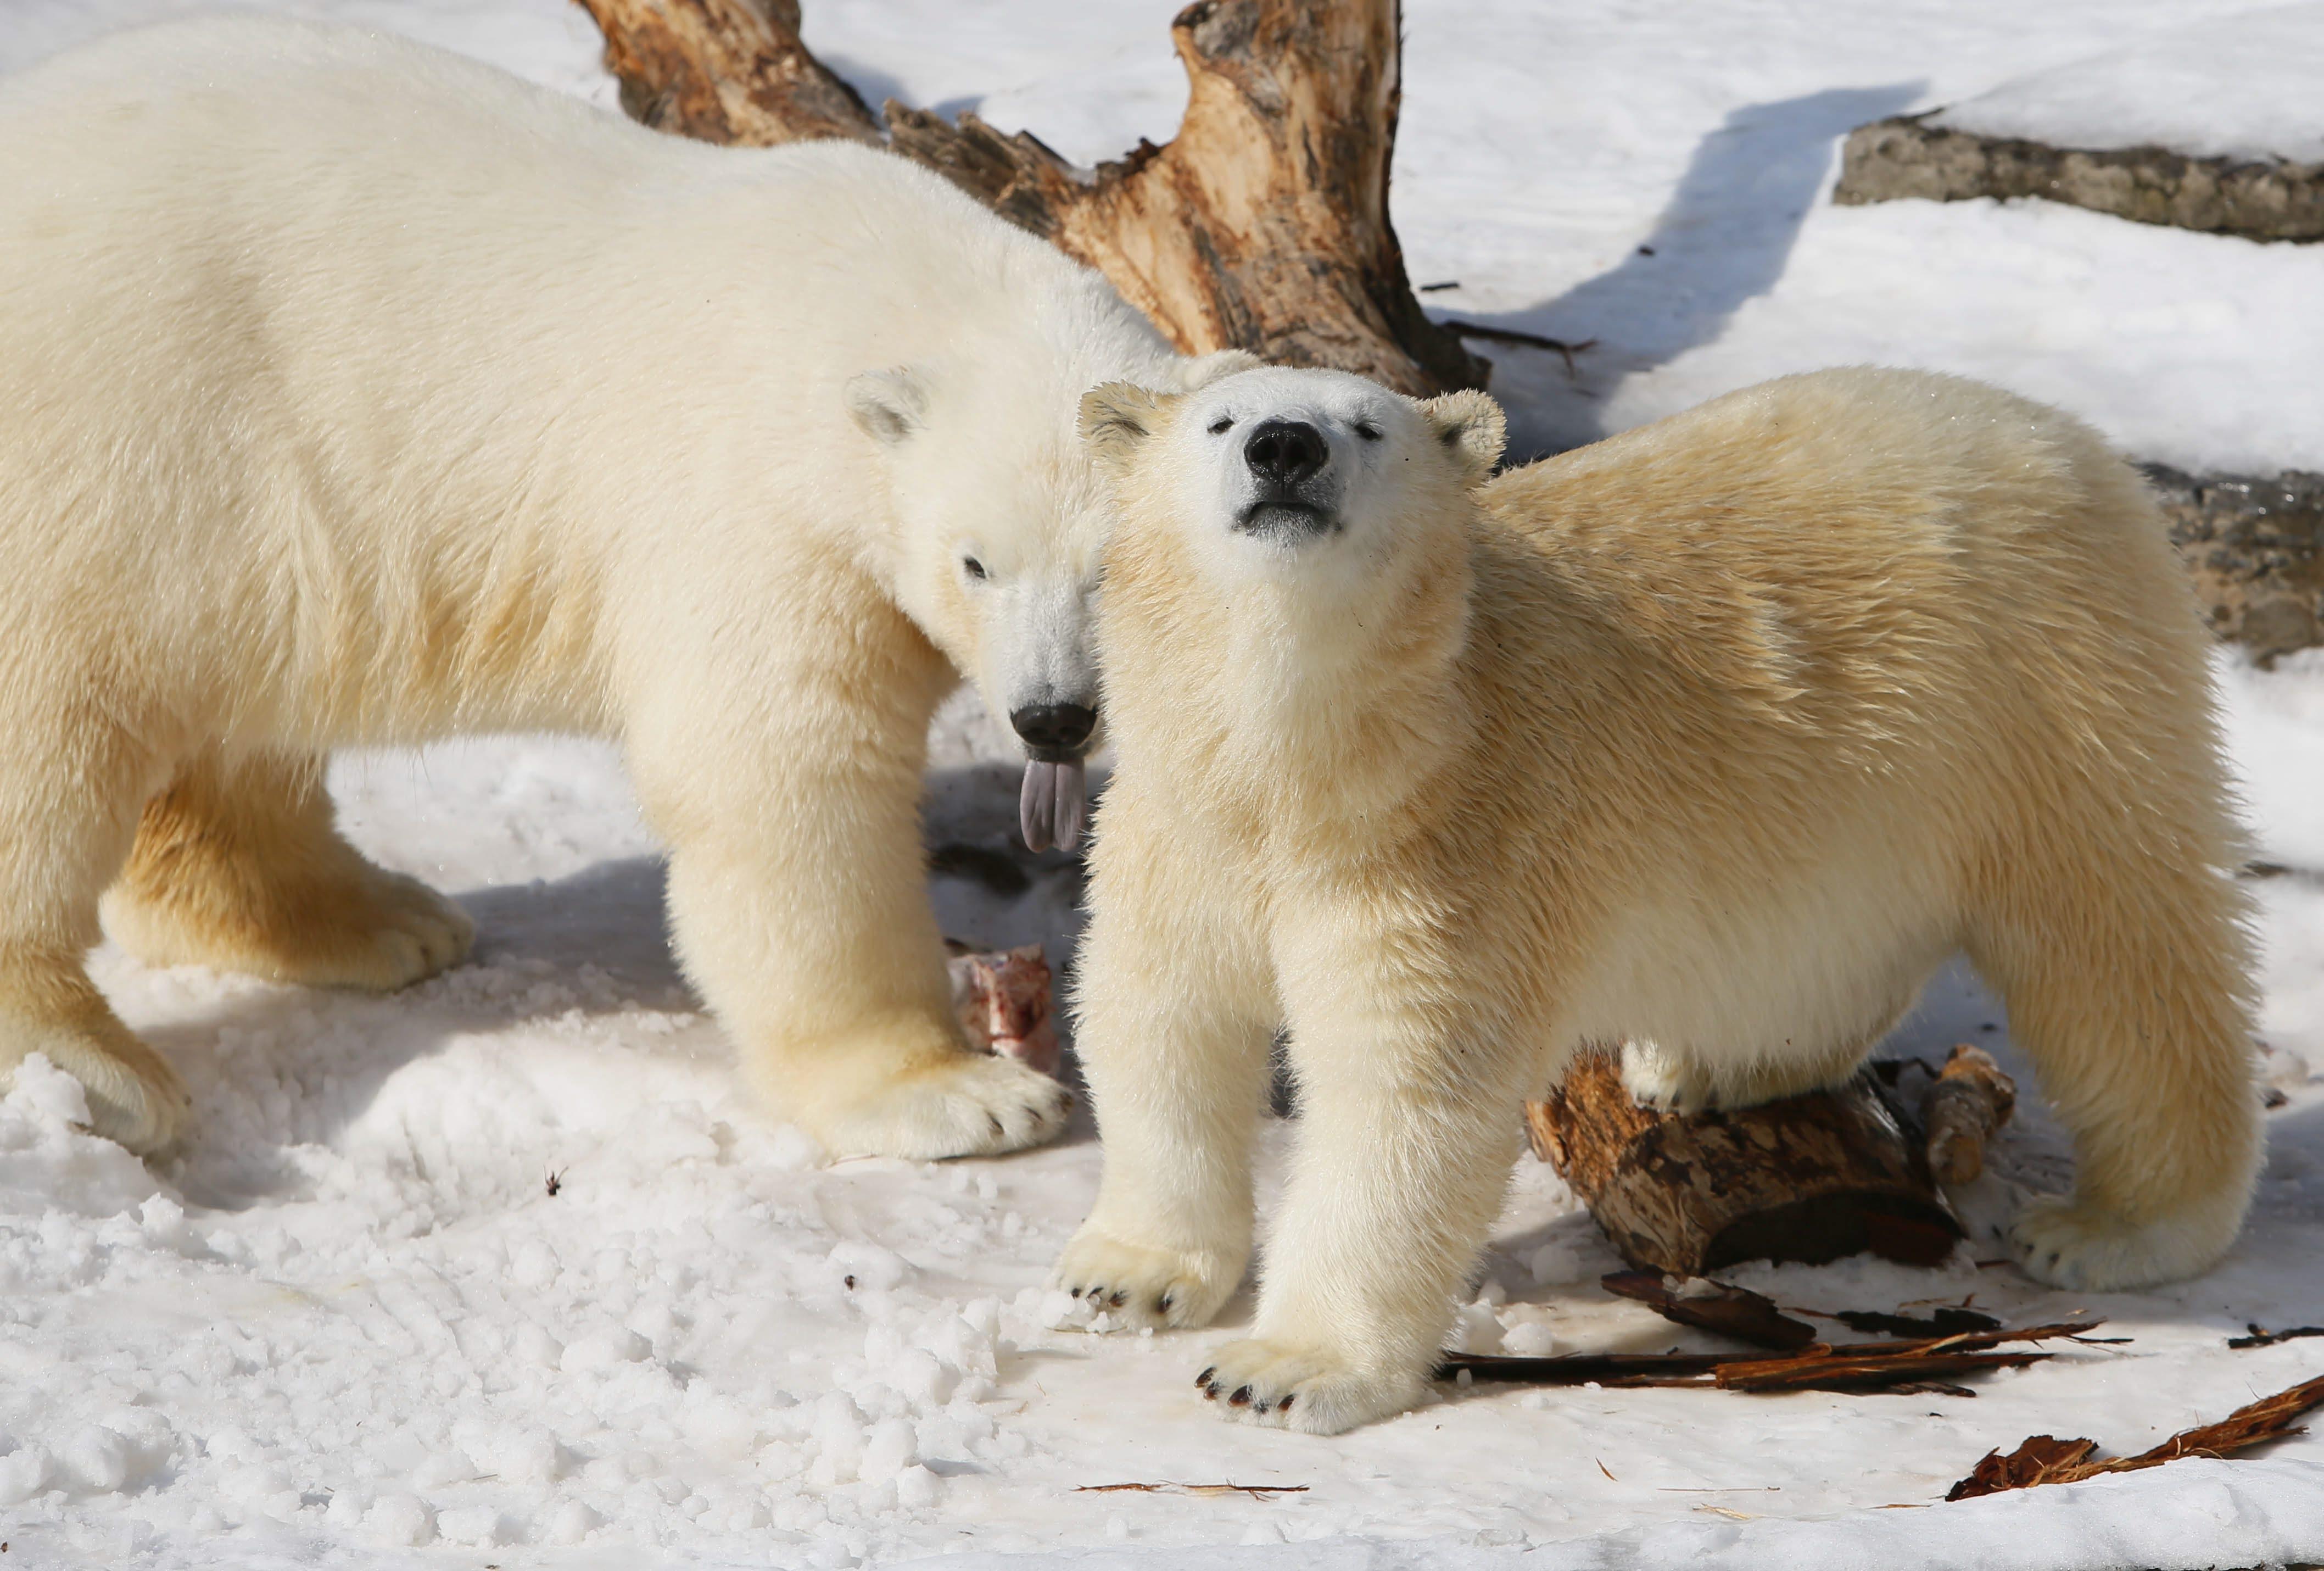 Polar bear cubs Kali, left, and Luna, will make an appearance at BuffaLoveFest. (Derek Gee/Buffalo News)